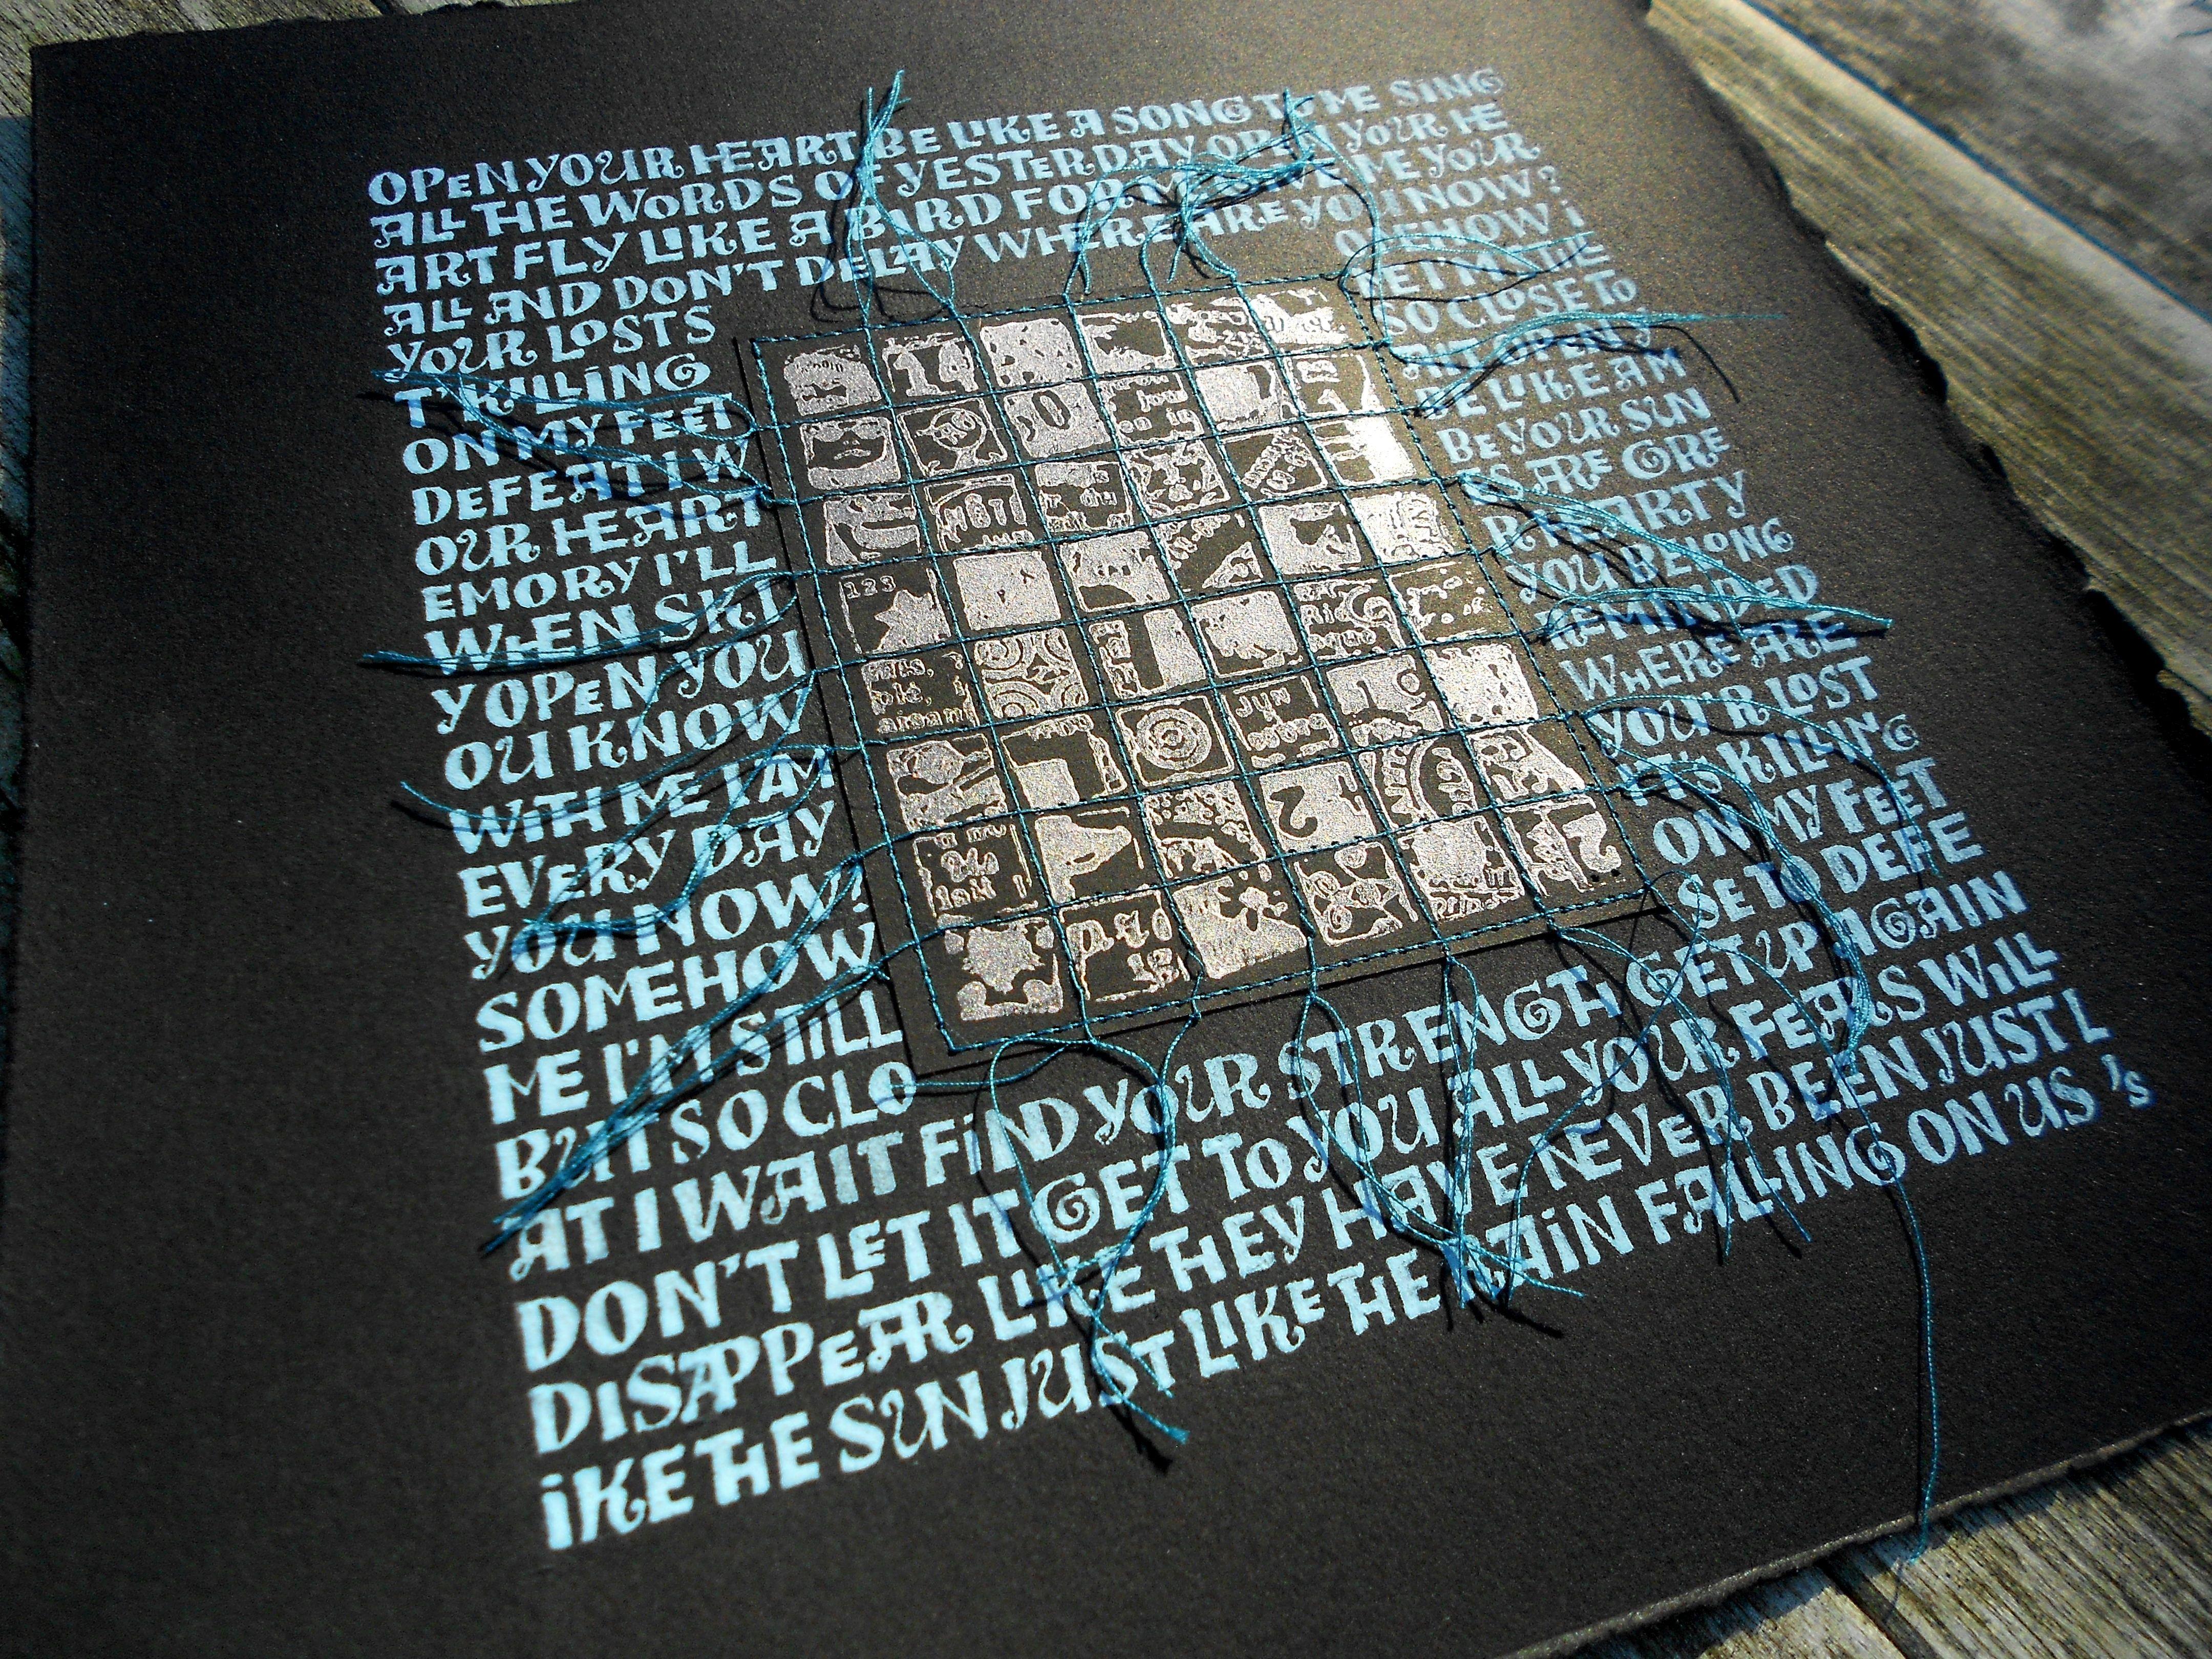 Kalligrafie met letters à la Ben Shahn in 2020 Kalligrafie